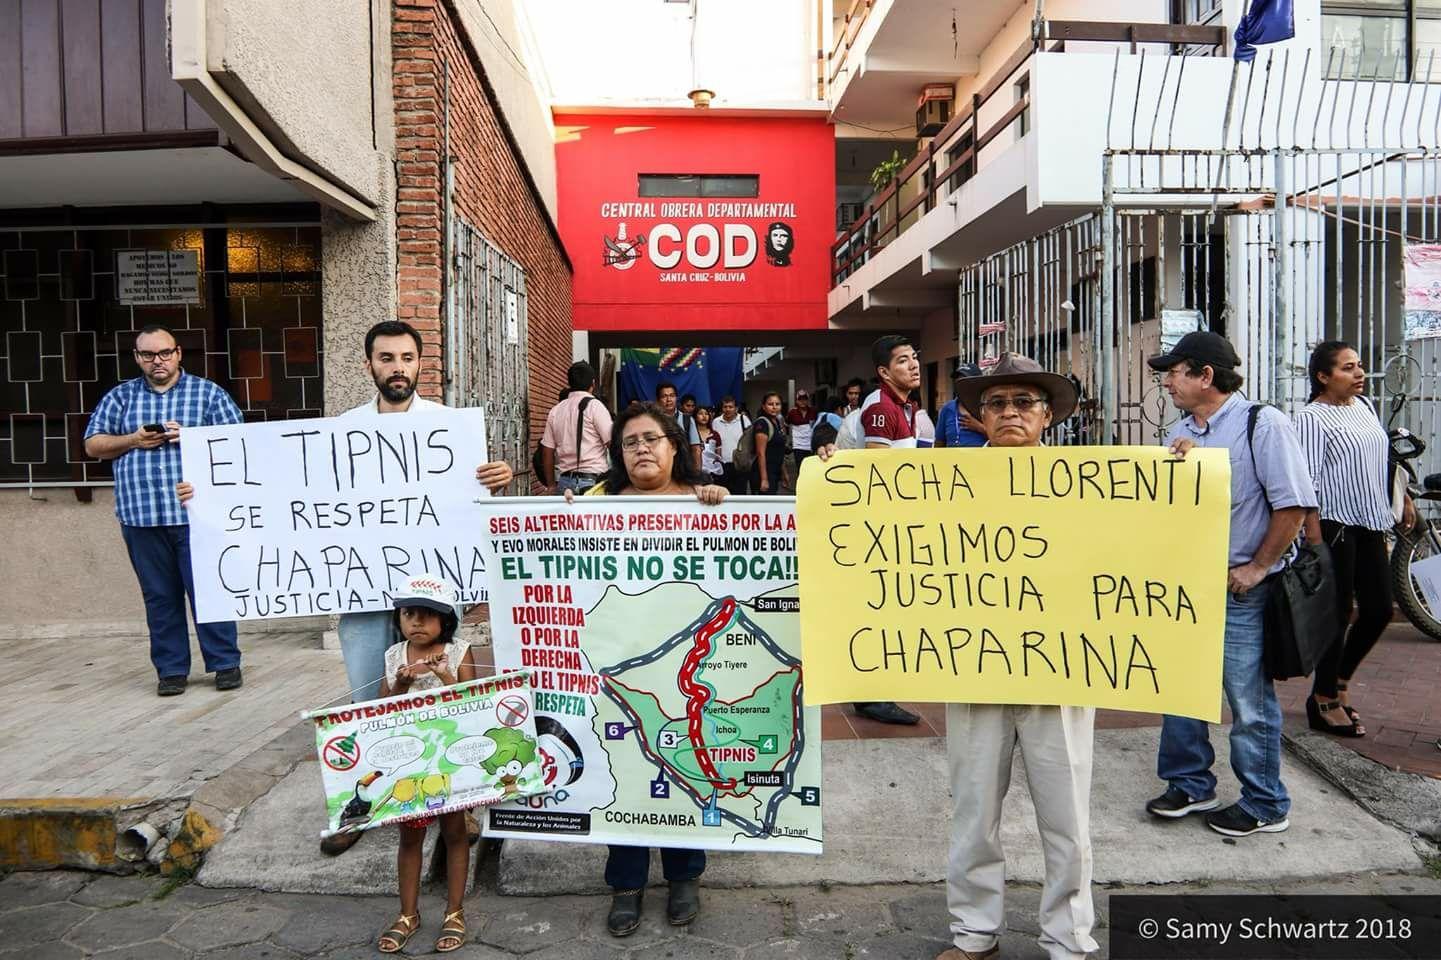 Vargas y su grupo esperando la salida de Llorenty en Santa Cruz / SAMY SCHWARTZ